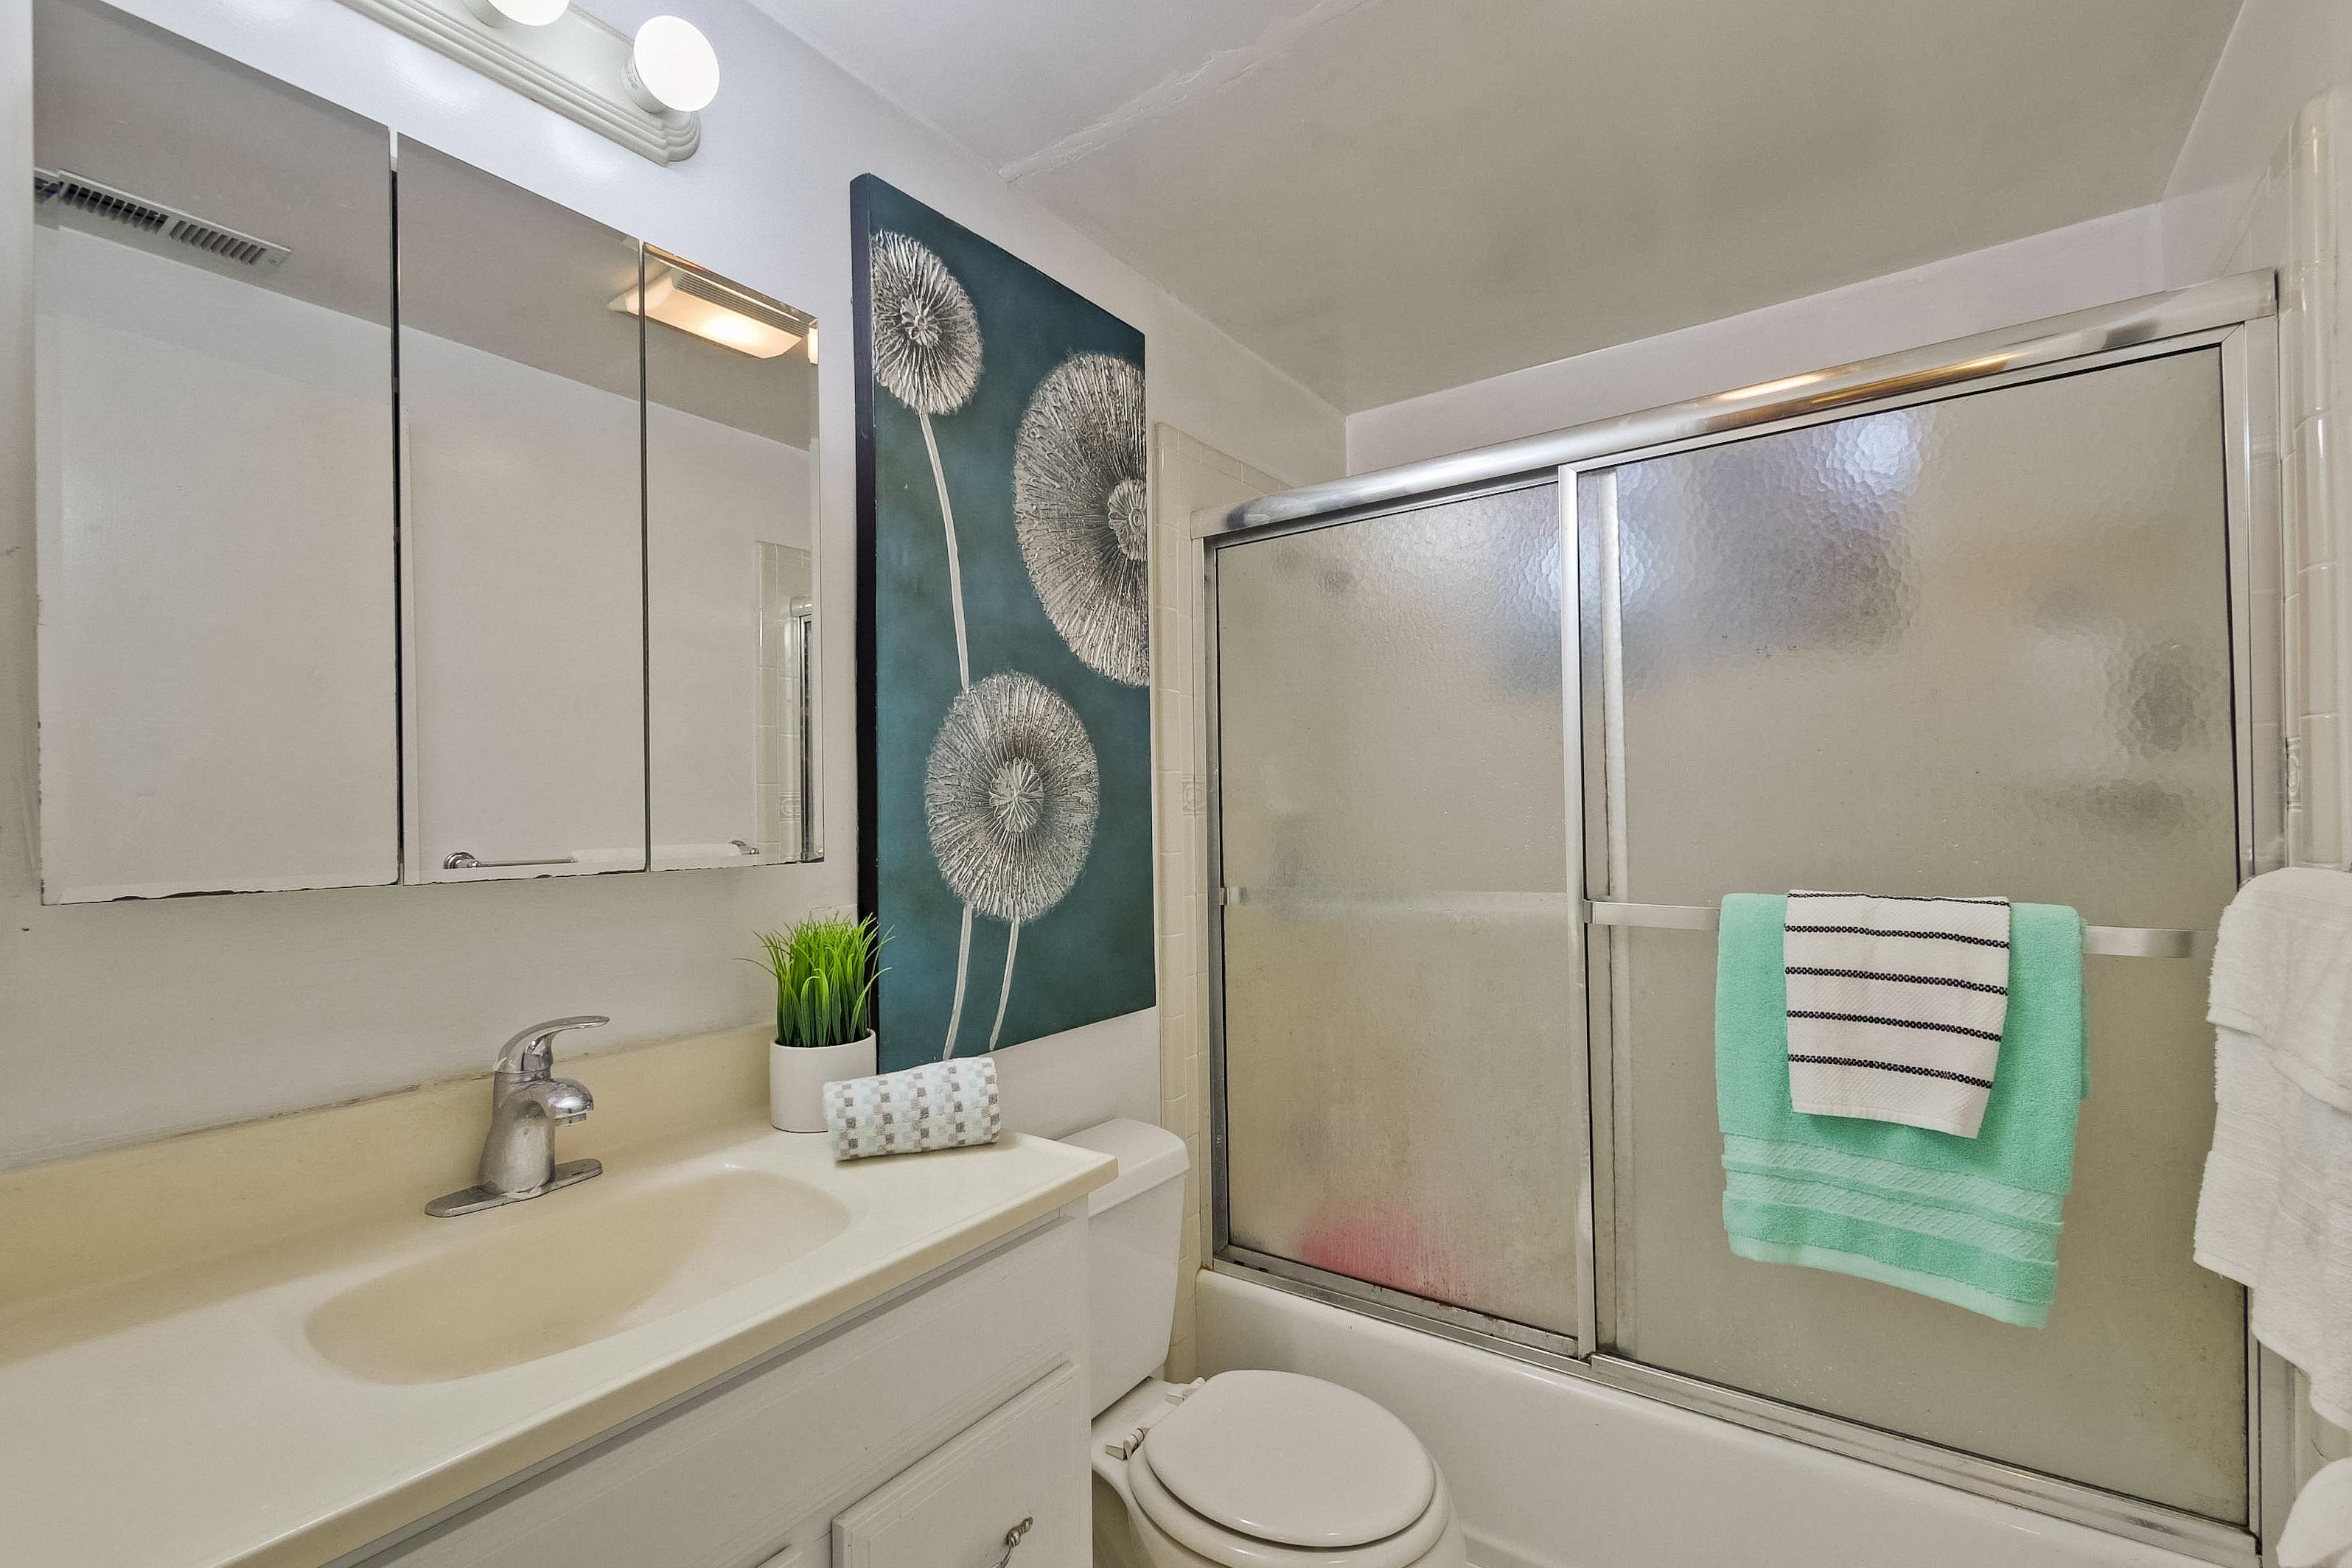 315 Meadowlake Dr, Sunnyvale 94089 - Bathroom 2 (A)